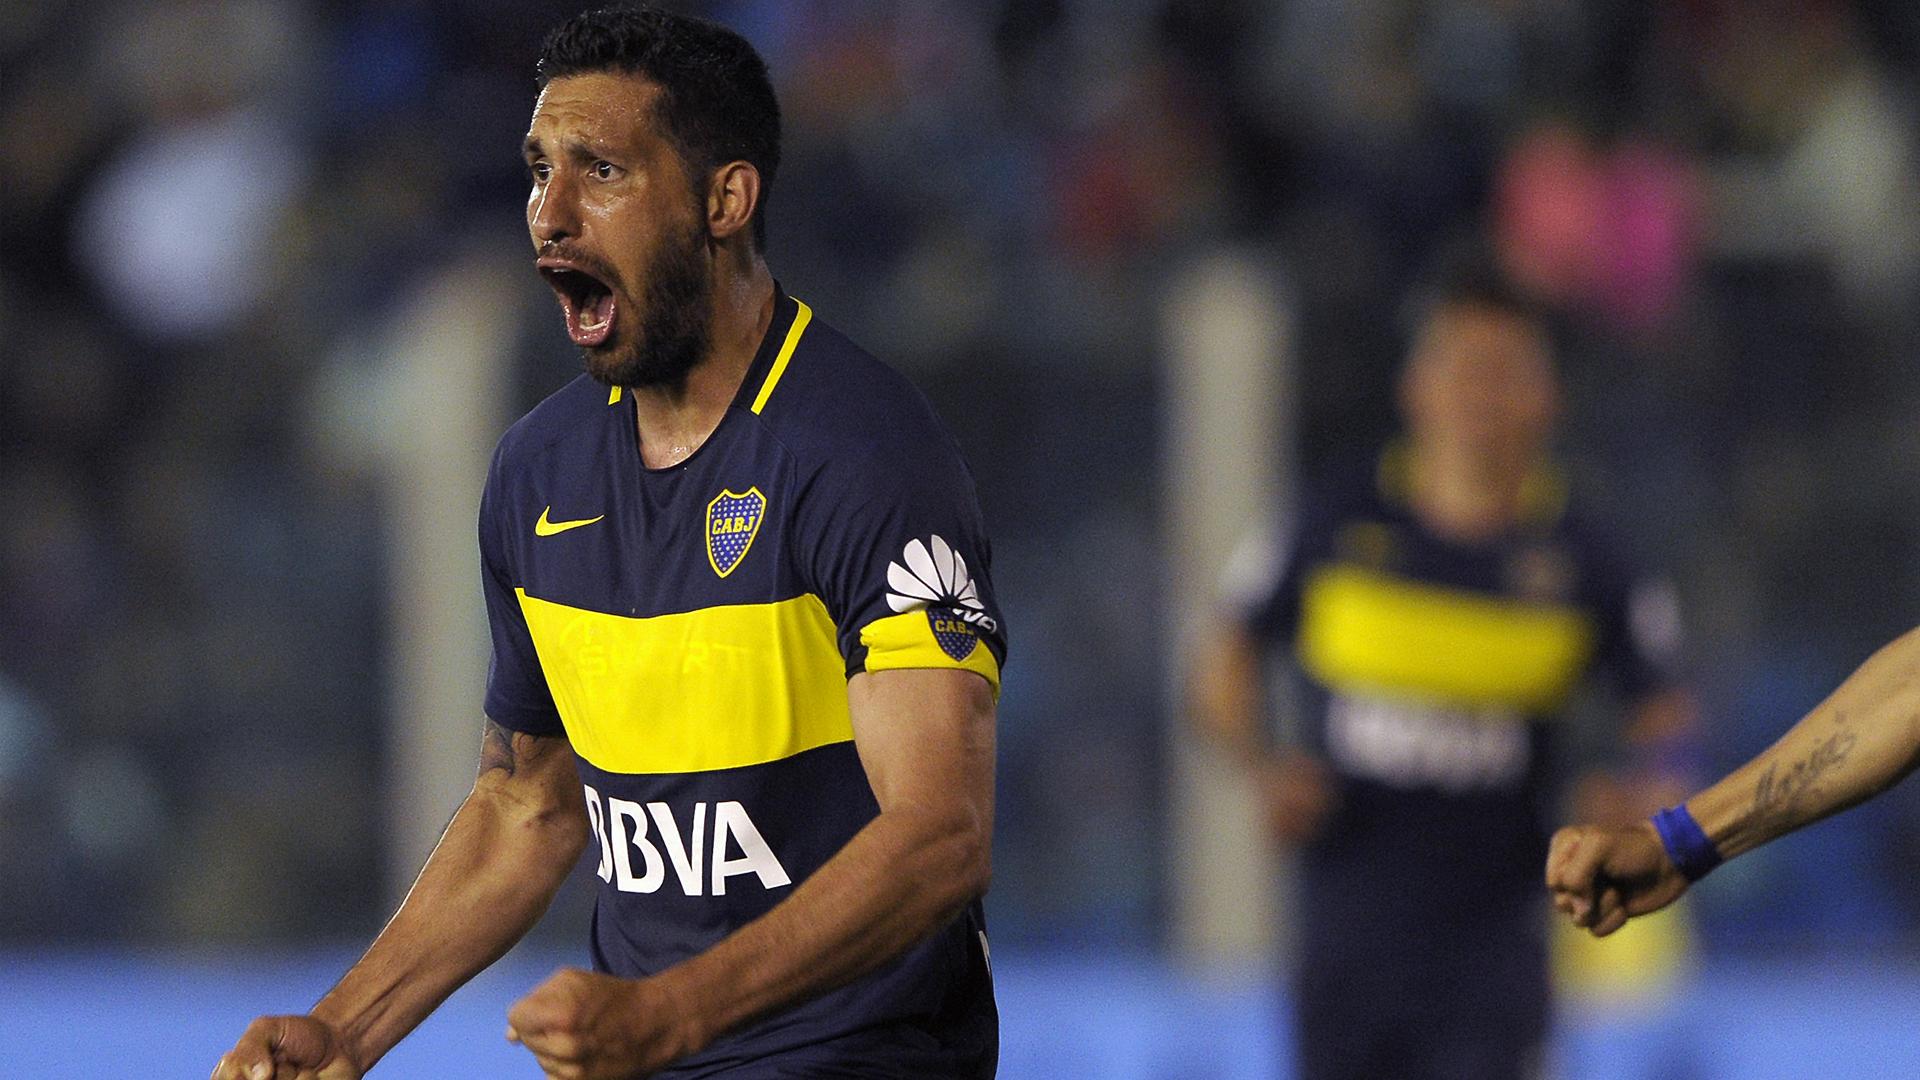 Juan Manuel Insaurralde Boca Juniors v Tigre 02102016